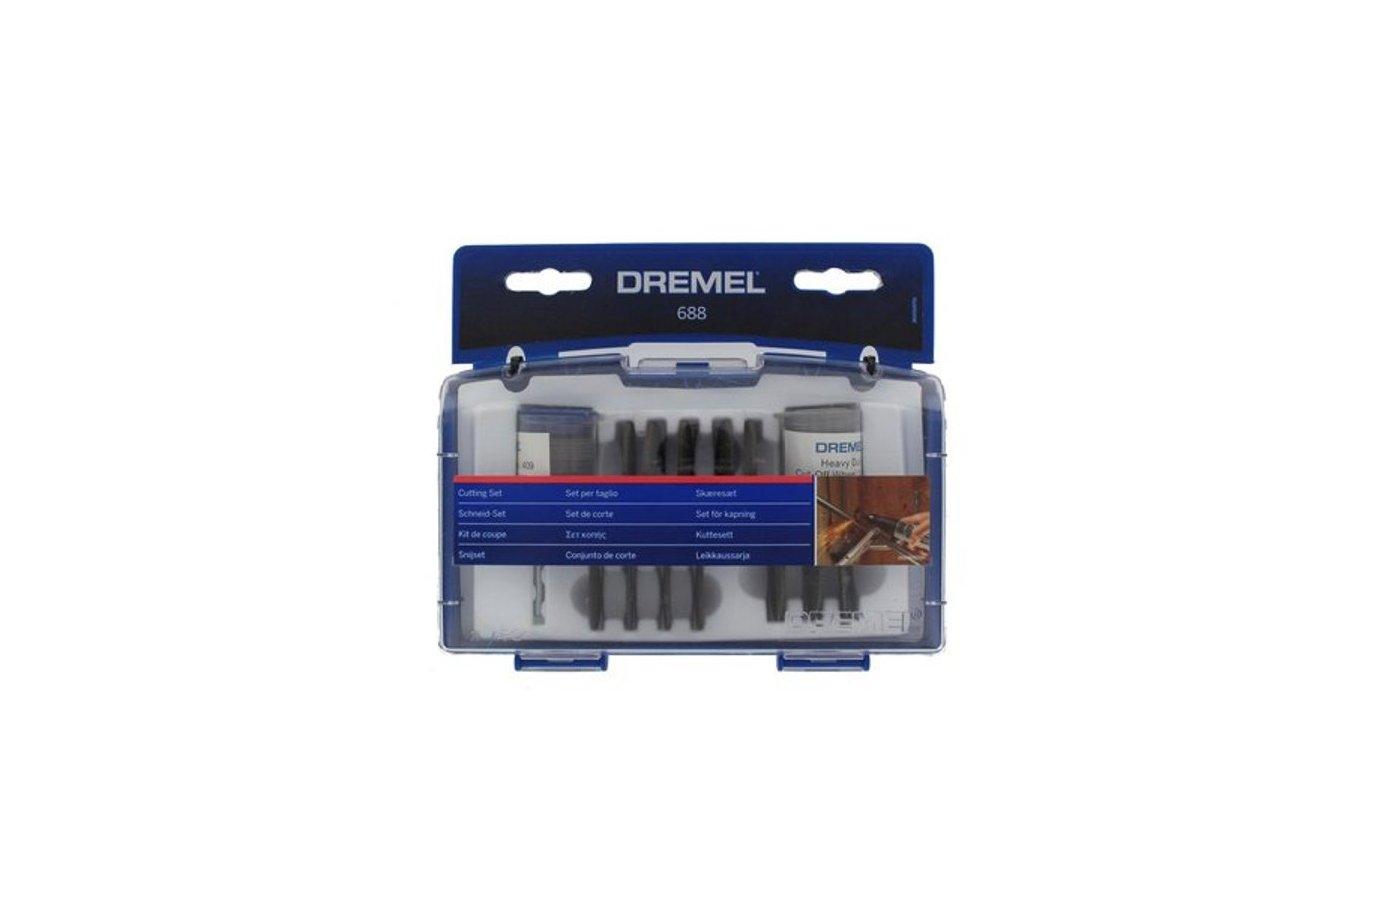 Инструмент DREMEL 688 Набор для резки, 69 шт.